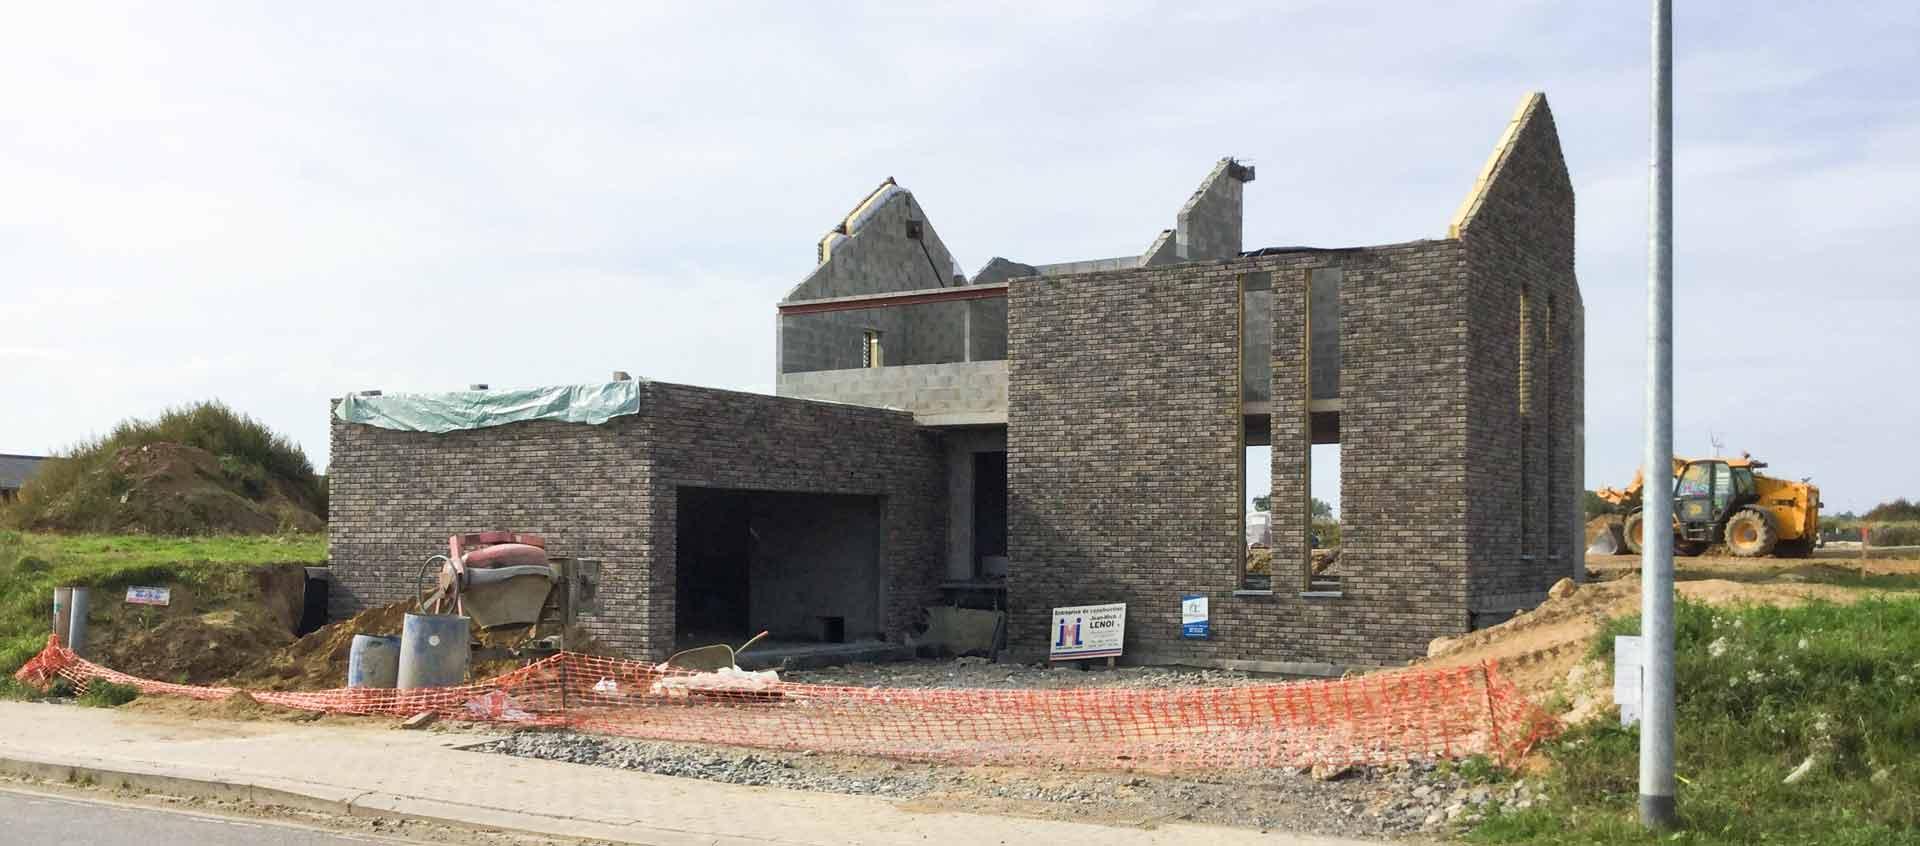 Habitation unifamiliale traditionnelle Geoffrey carion architecte à andenne / projet de construction d'une habitation unifamiliale en maçonnerie traditionnelle à Eghezée